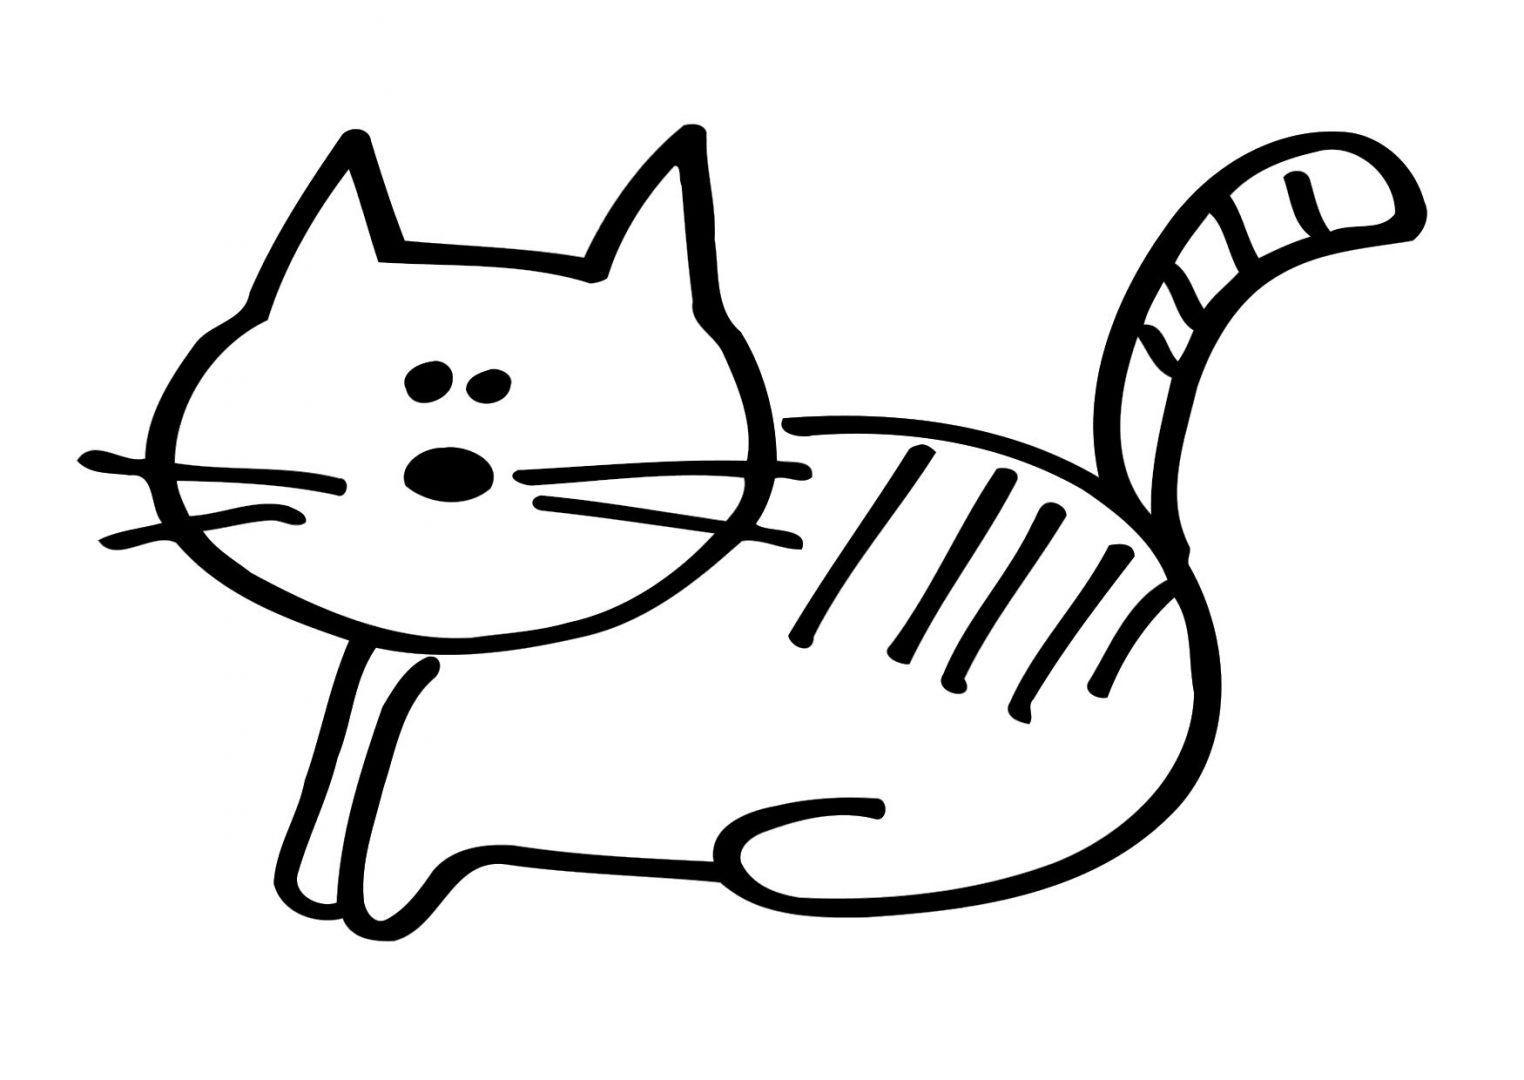 Dibujos Para Imprimir Y Colorear De Perros: Gatos Para Imprimir Y Colorear